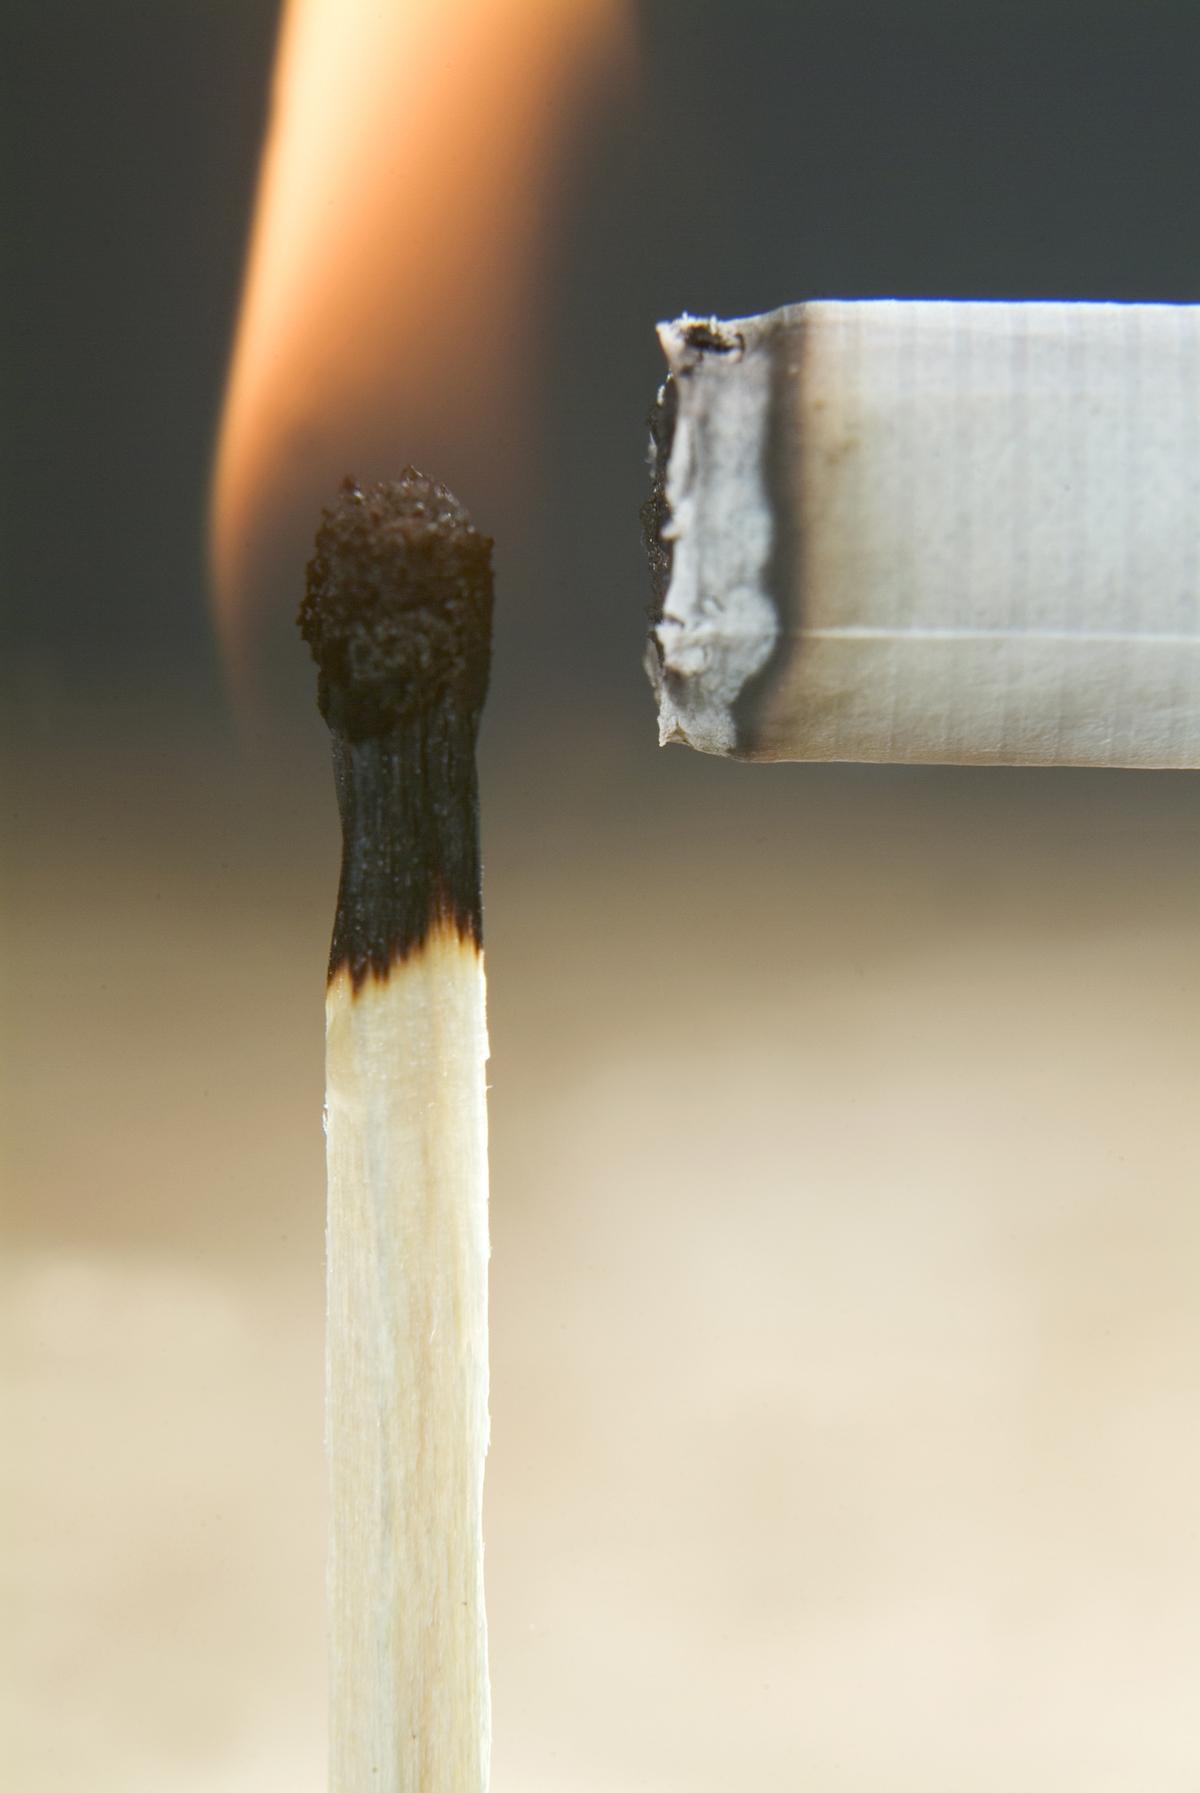 prévenir les incendies - cigarettes et allumettes - Via Capitale